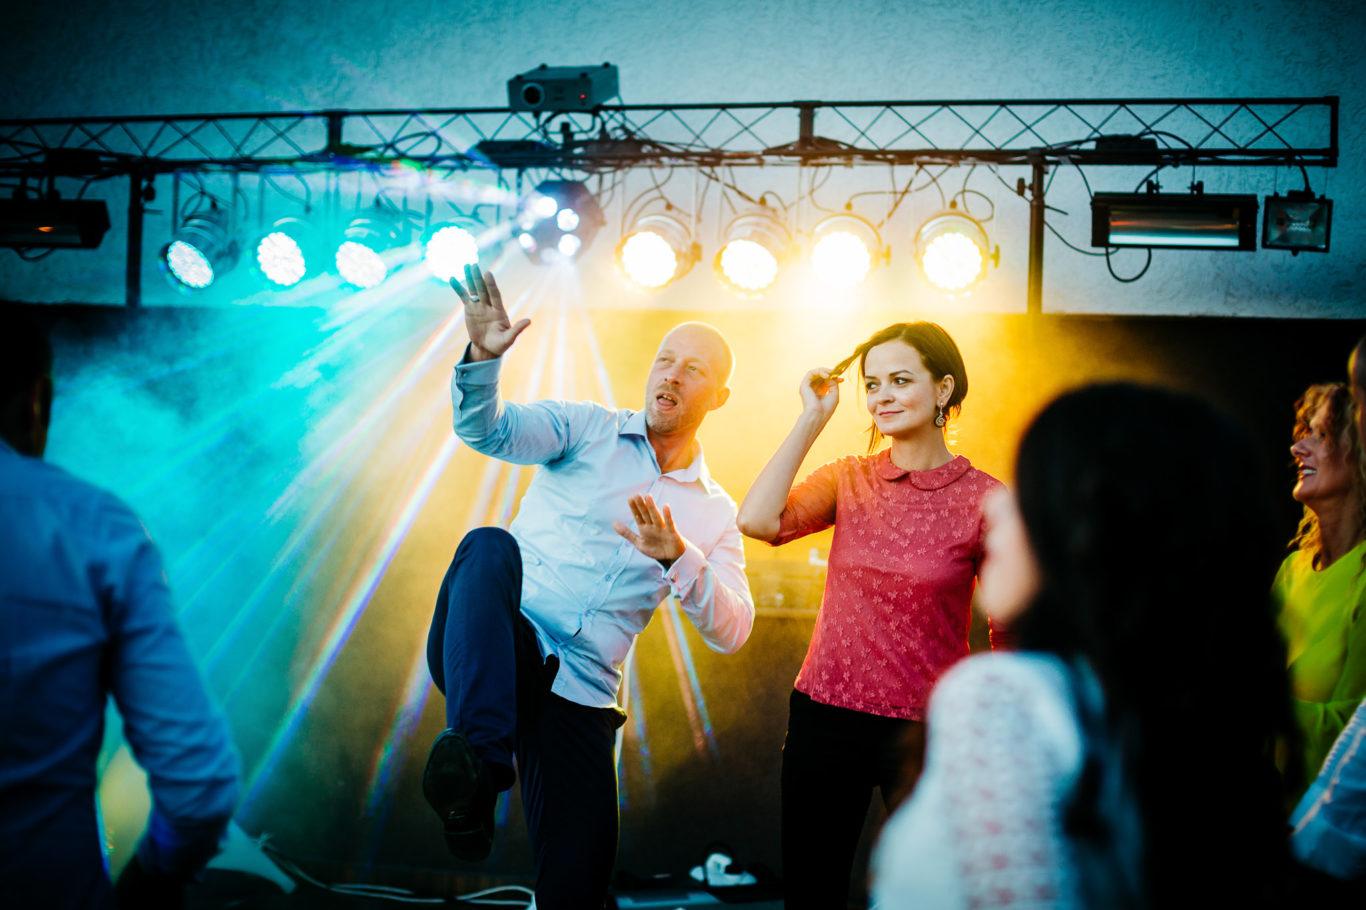 0561-fotografie-nunta-valea-de-pesti-vero-dani-fotograf-ciprian-dumitrescu-dc1_1452